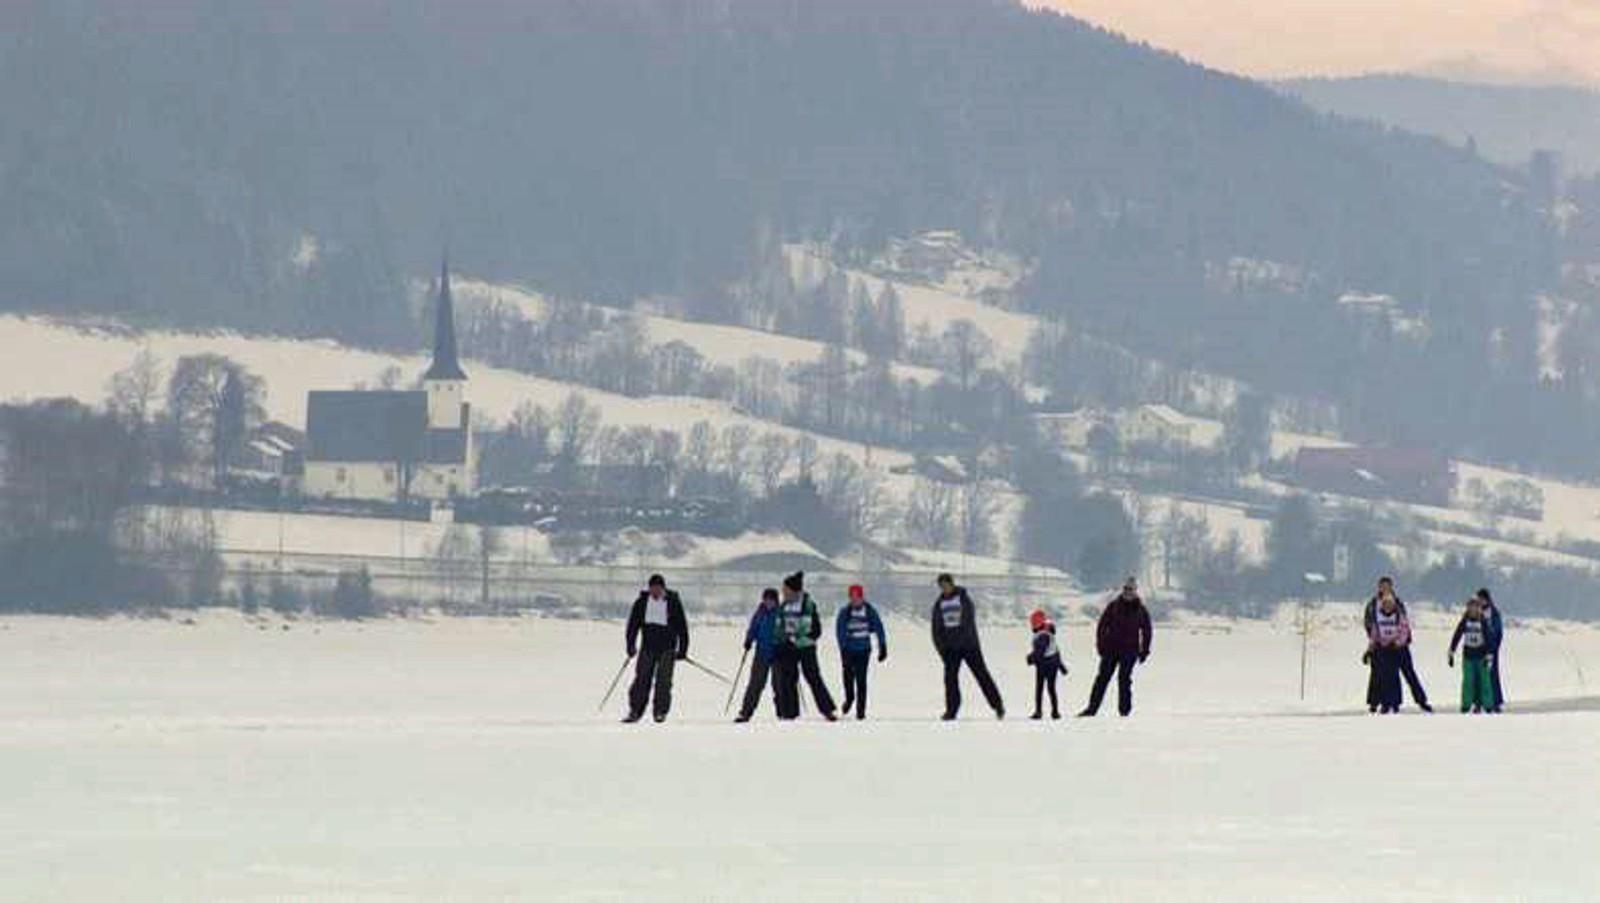 Et busslass på 60 hollendere tok i år turen til Norge og Mjøsa kun for å gå på skøyter.